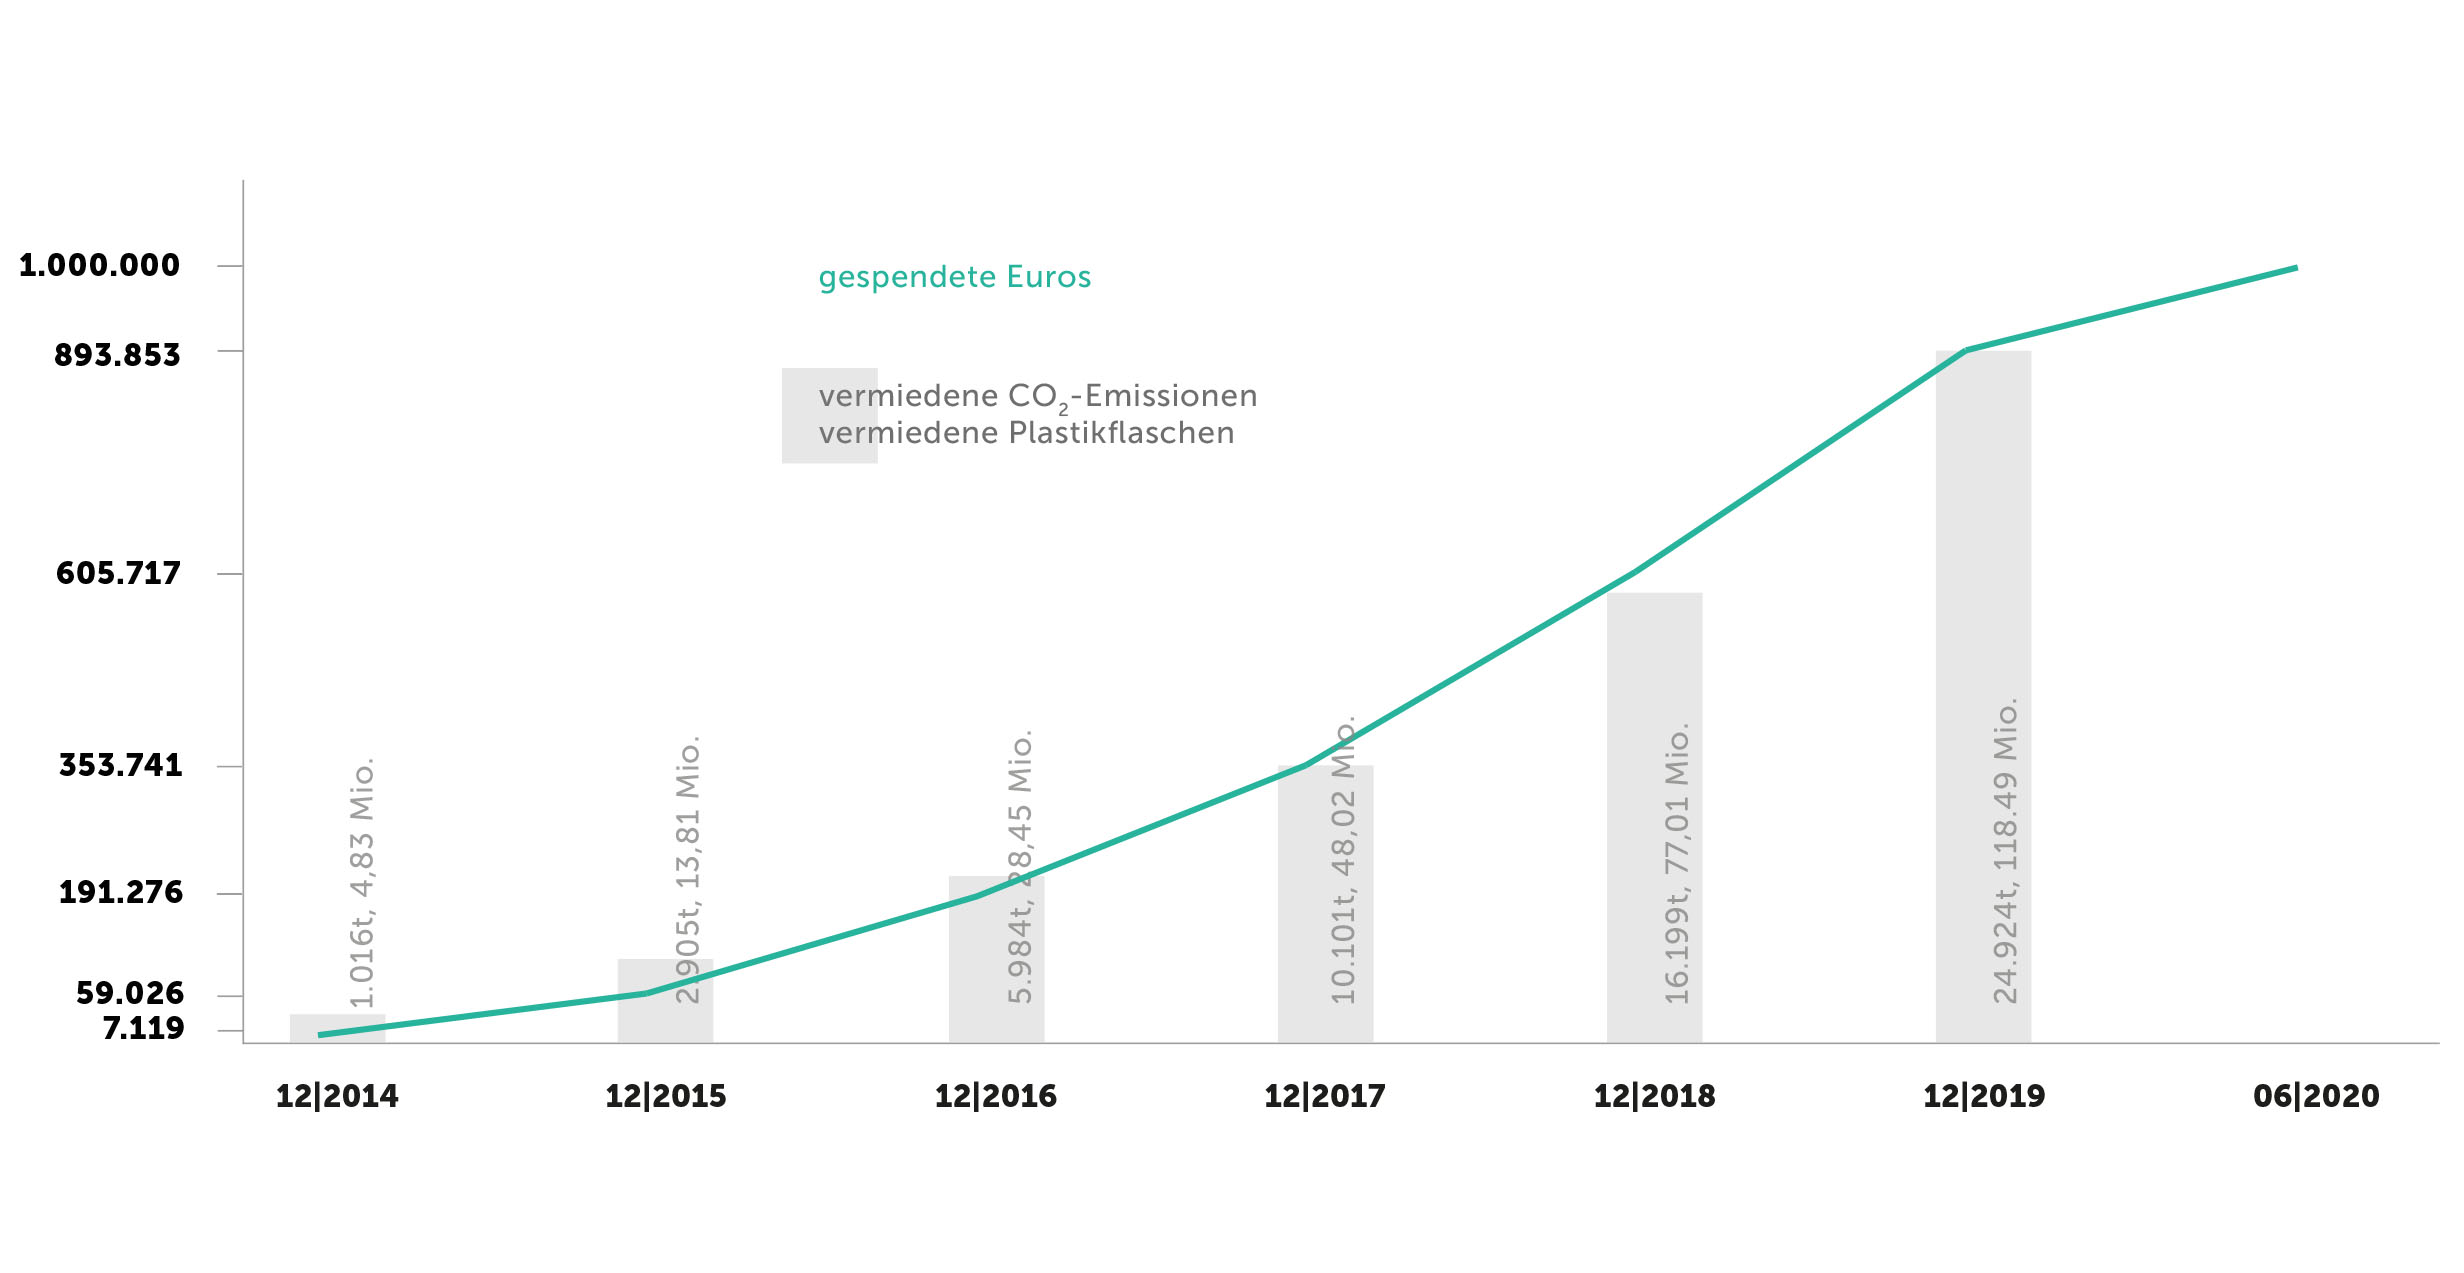 Blog_Timeline-VCA-soulbottles_GrafikZeichenflache-1-Kopie-14